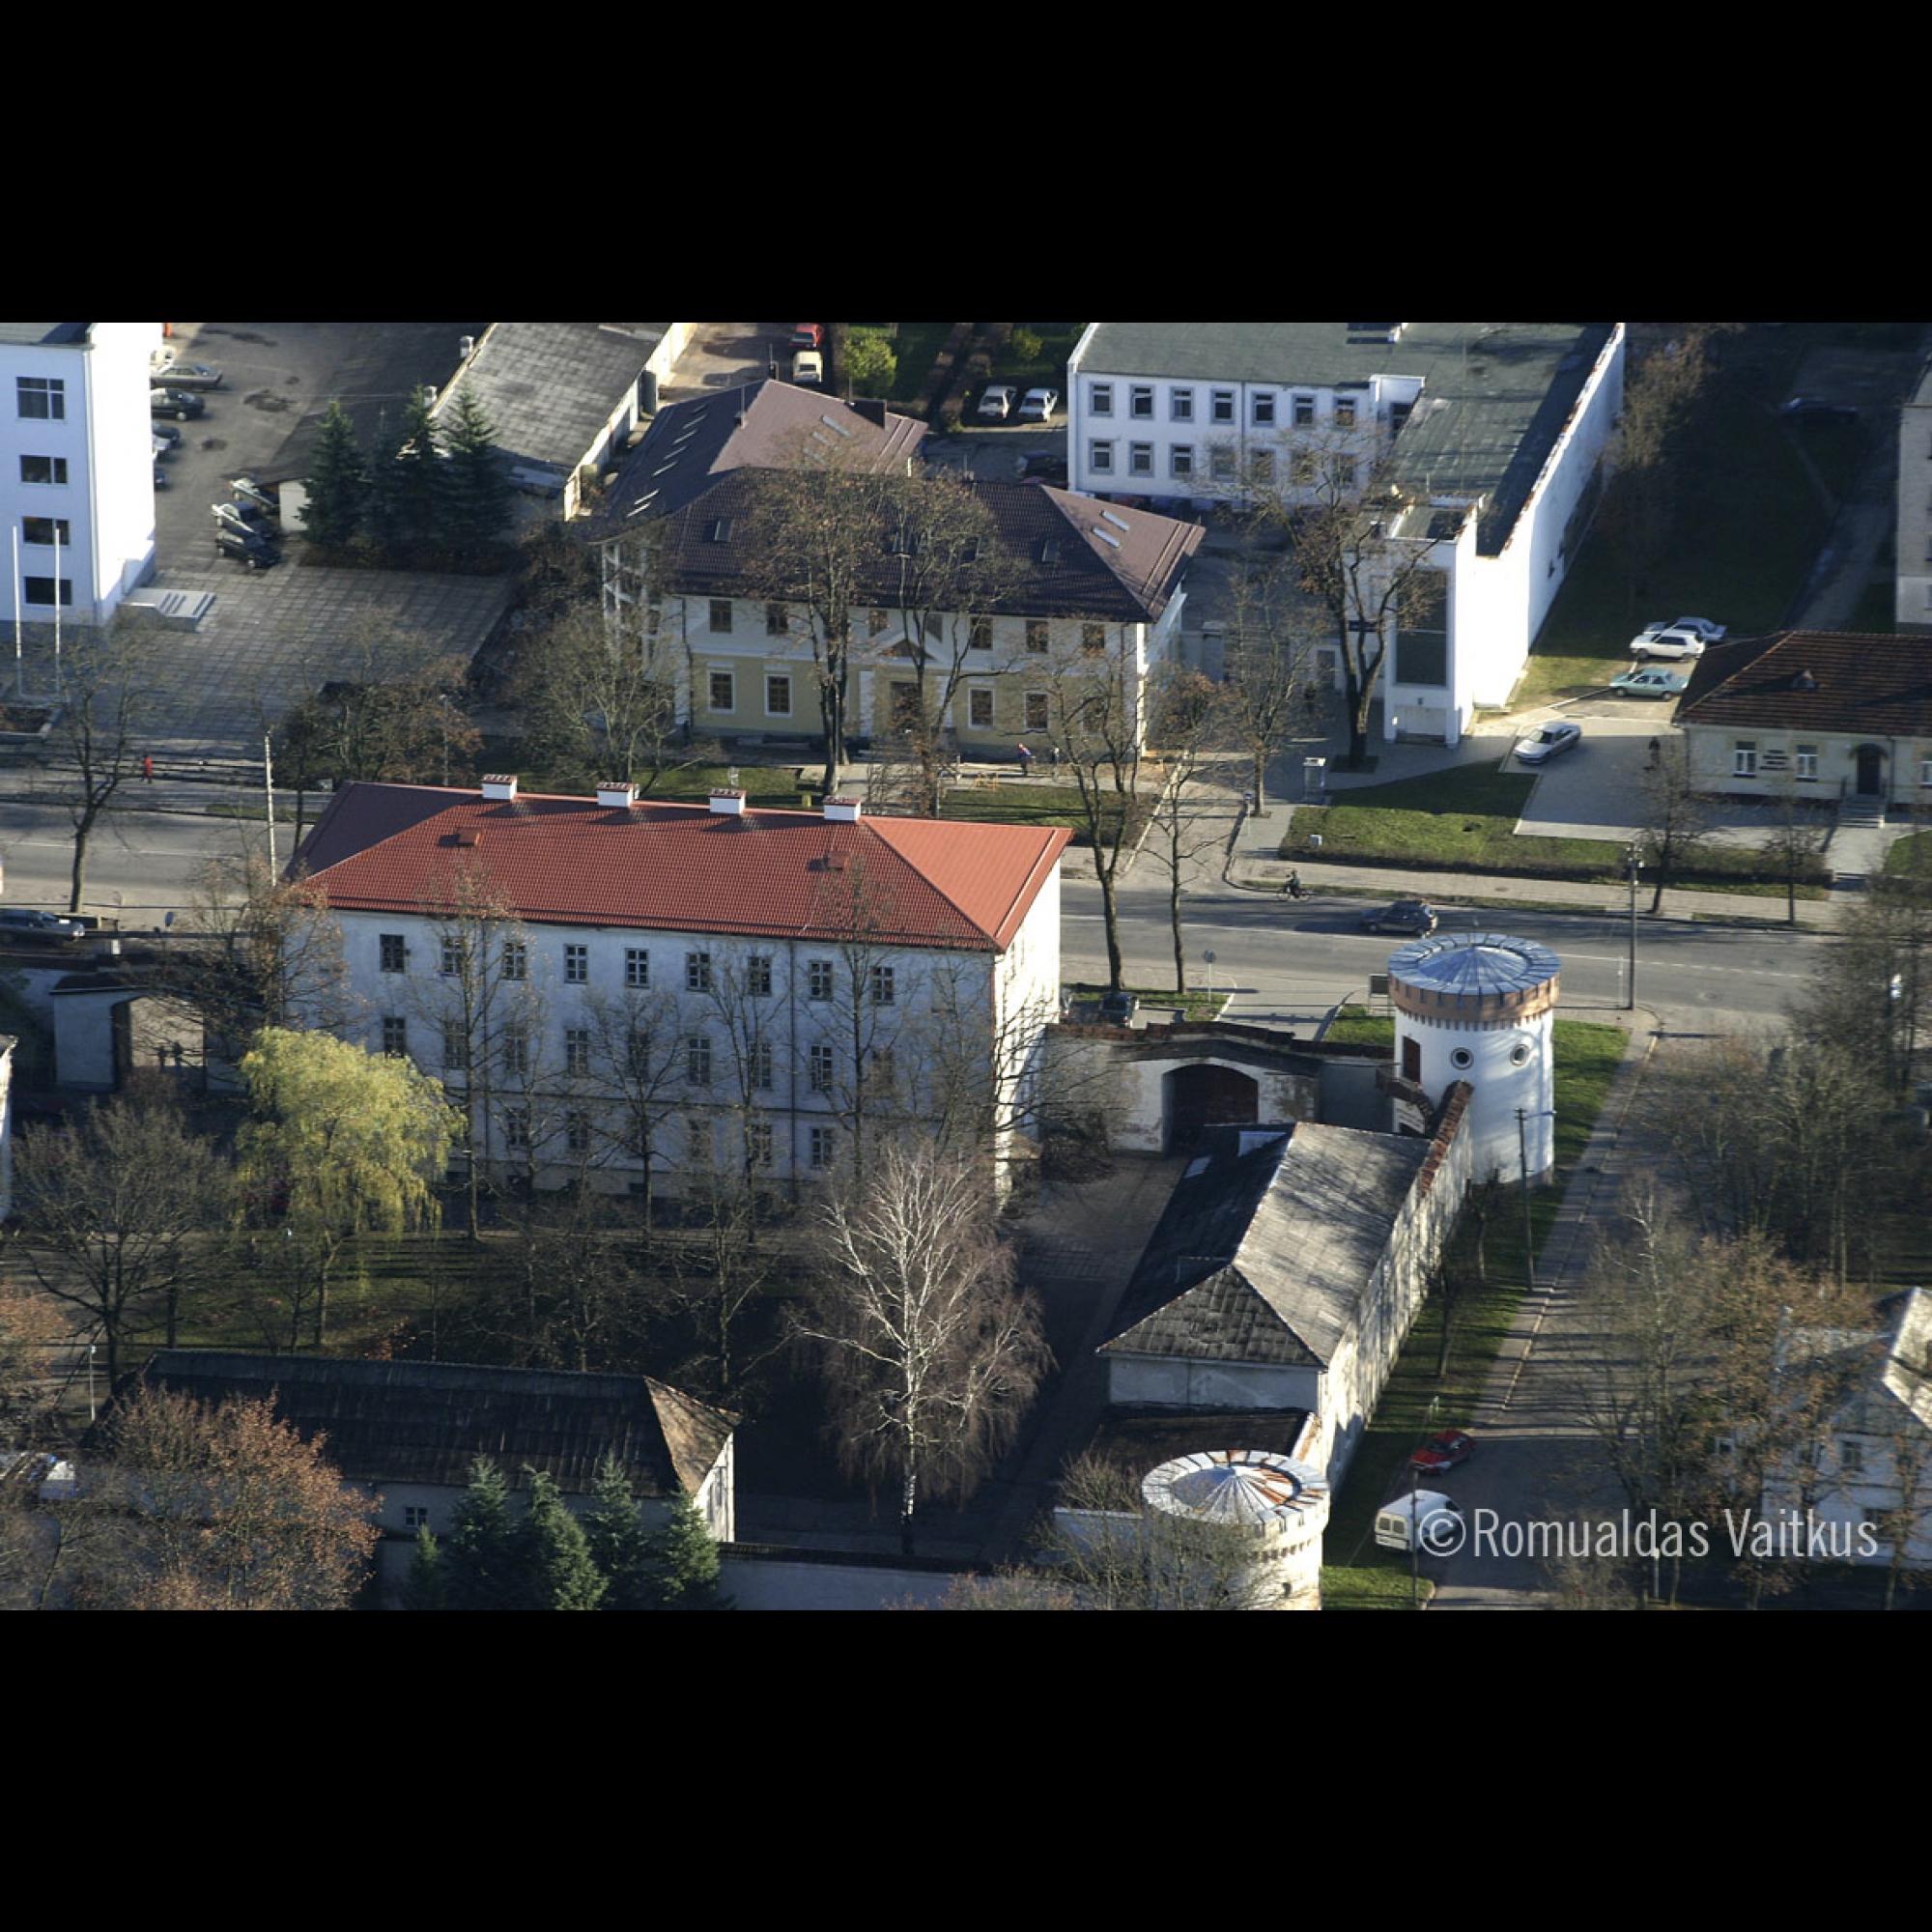 Die Zeichen der Geschichte und des Kulturerbes in der Stadt Tauragė